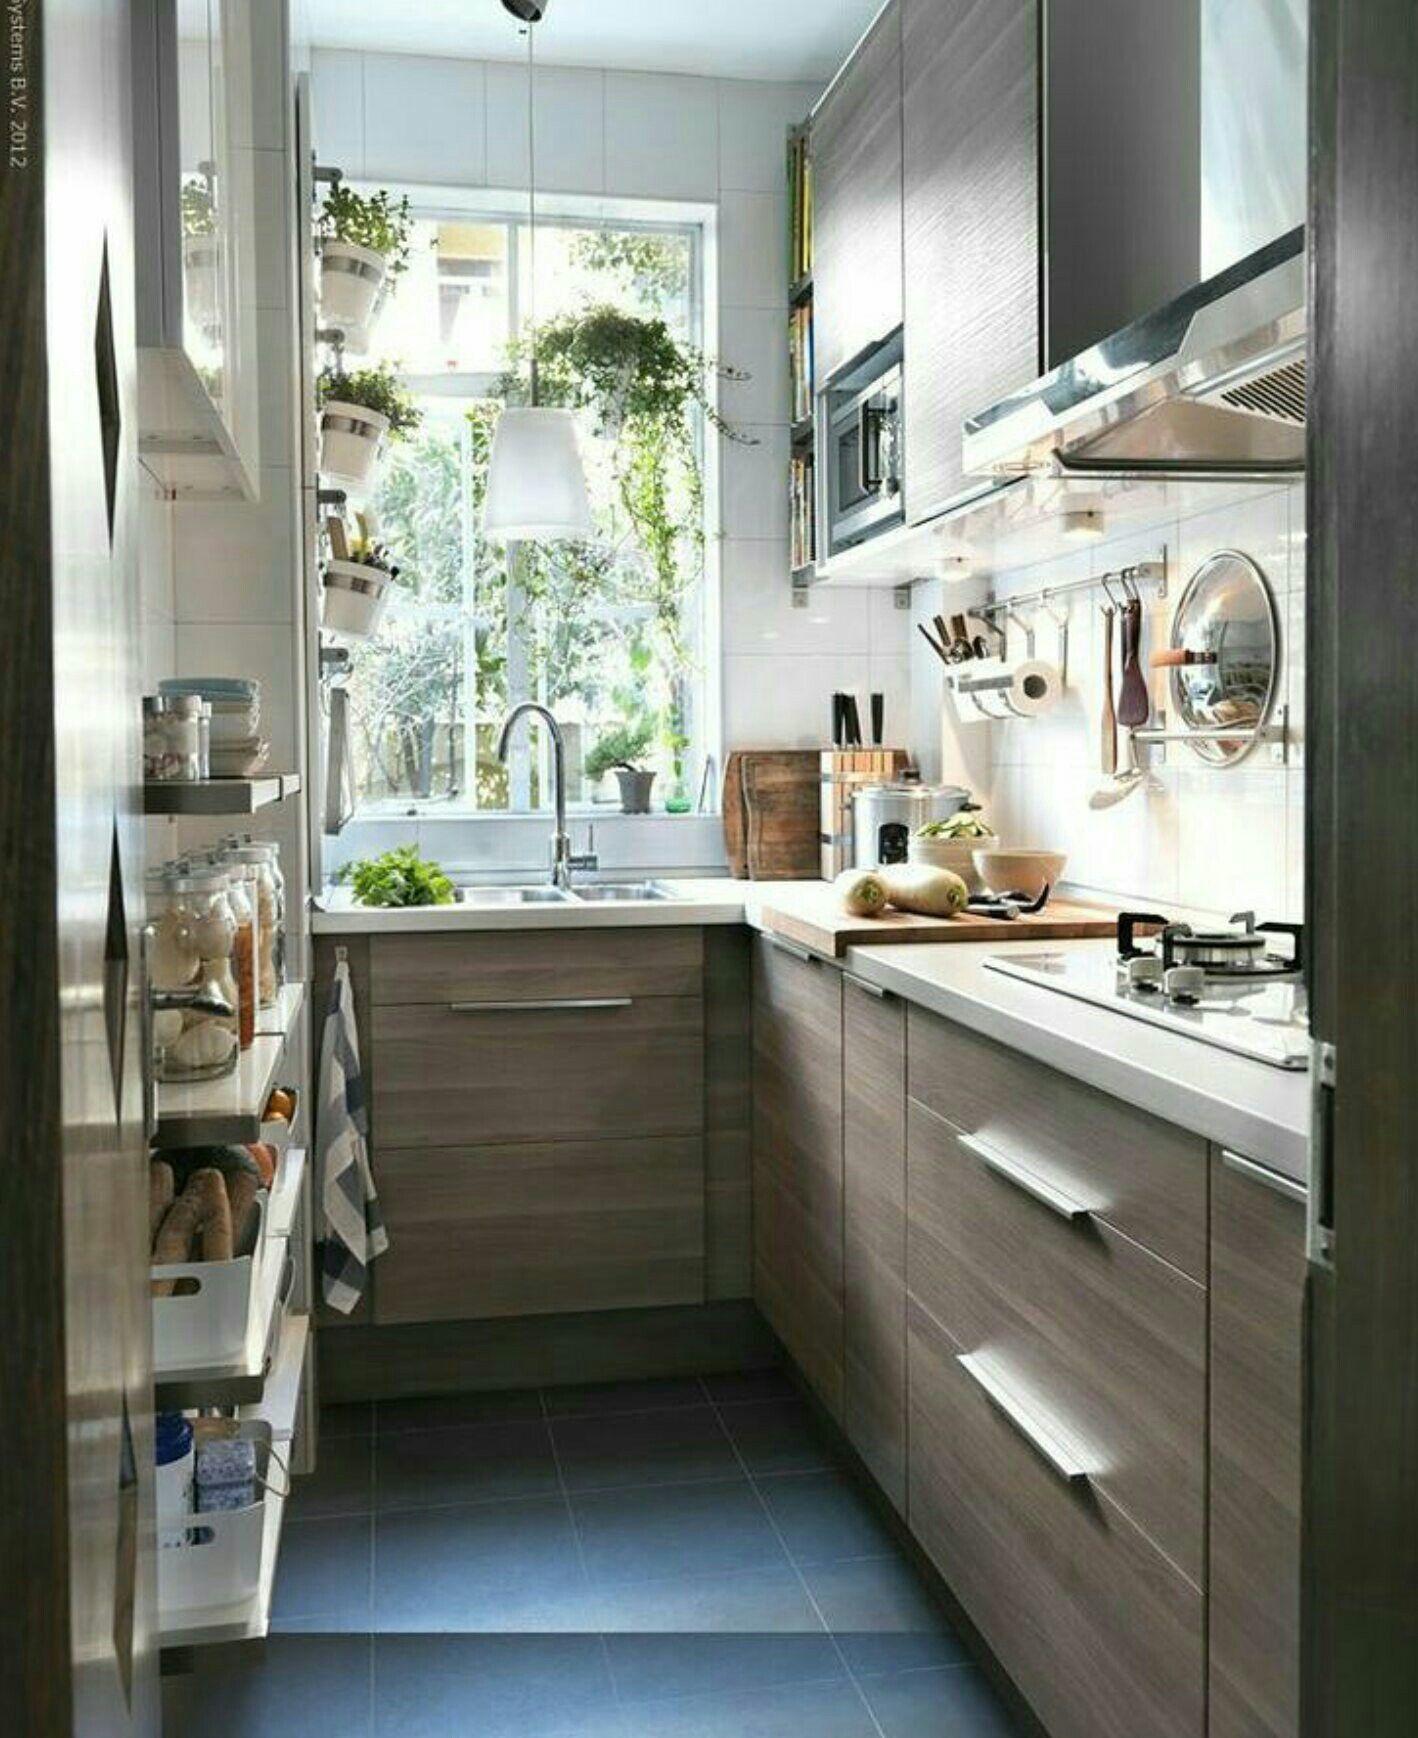 Pin von Mitra Ak auf home board | Pinterest | Küchen inspiration ...